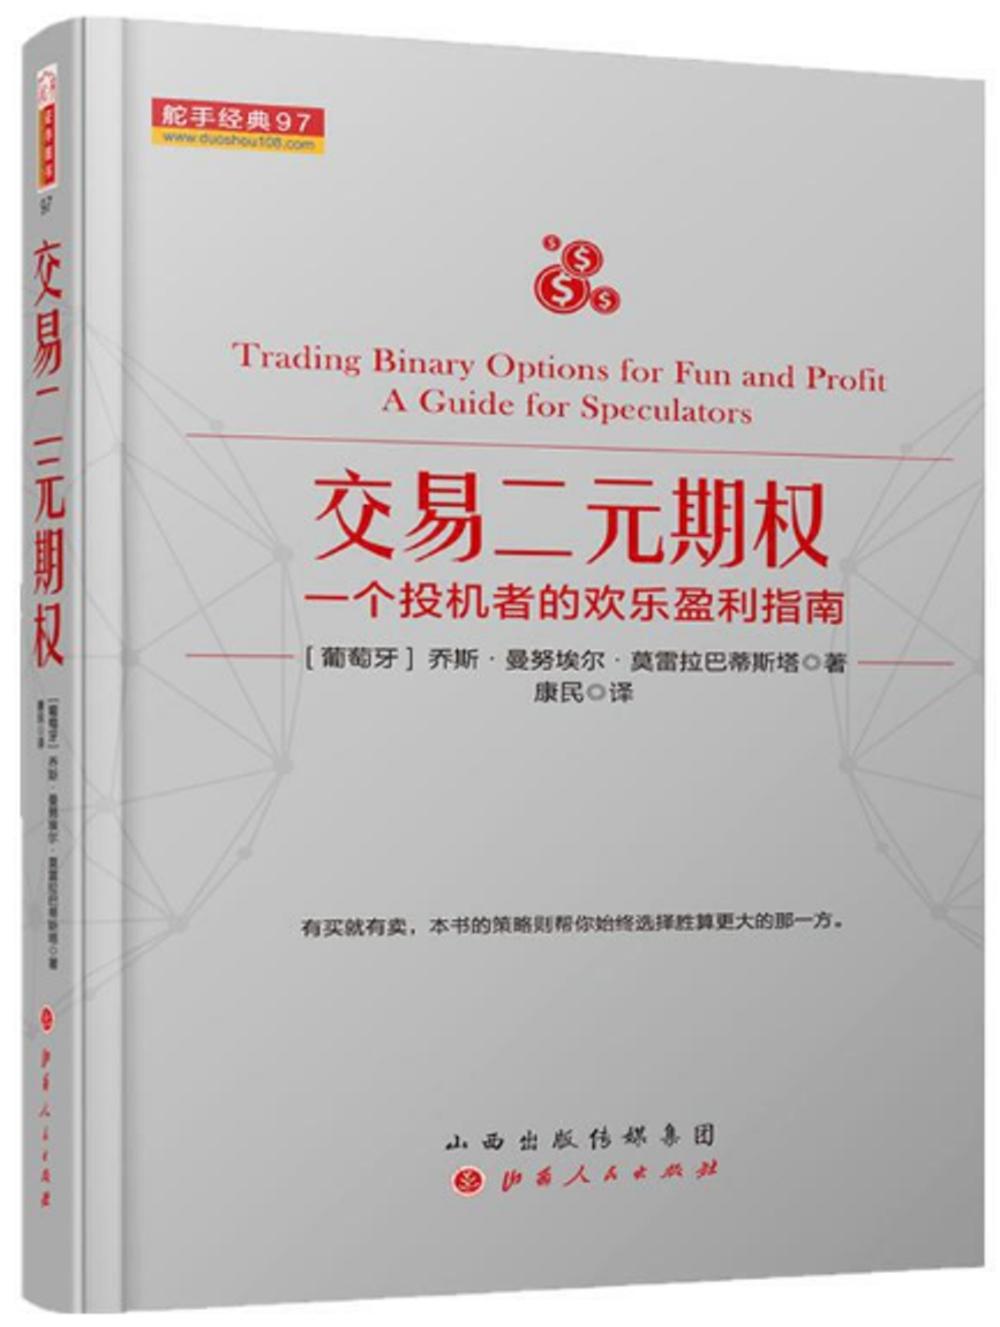 交易二元期權:一個投機者的歡樂盈利指南